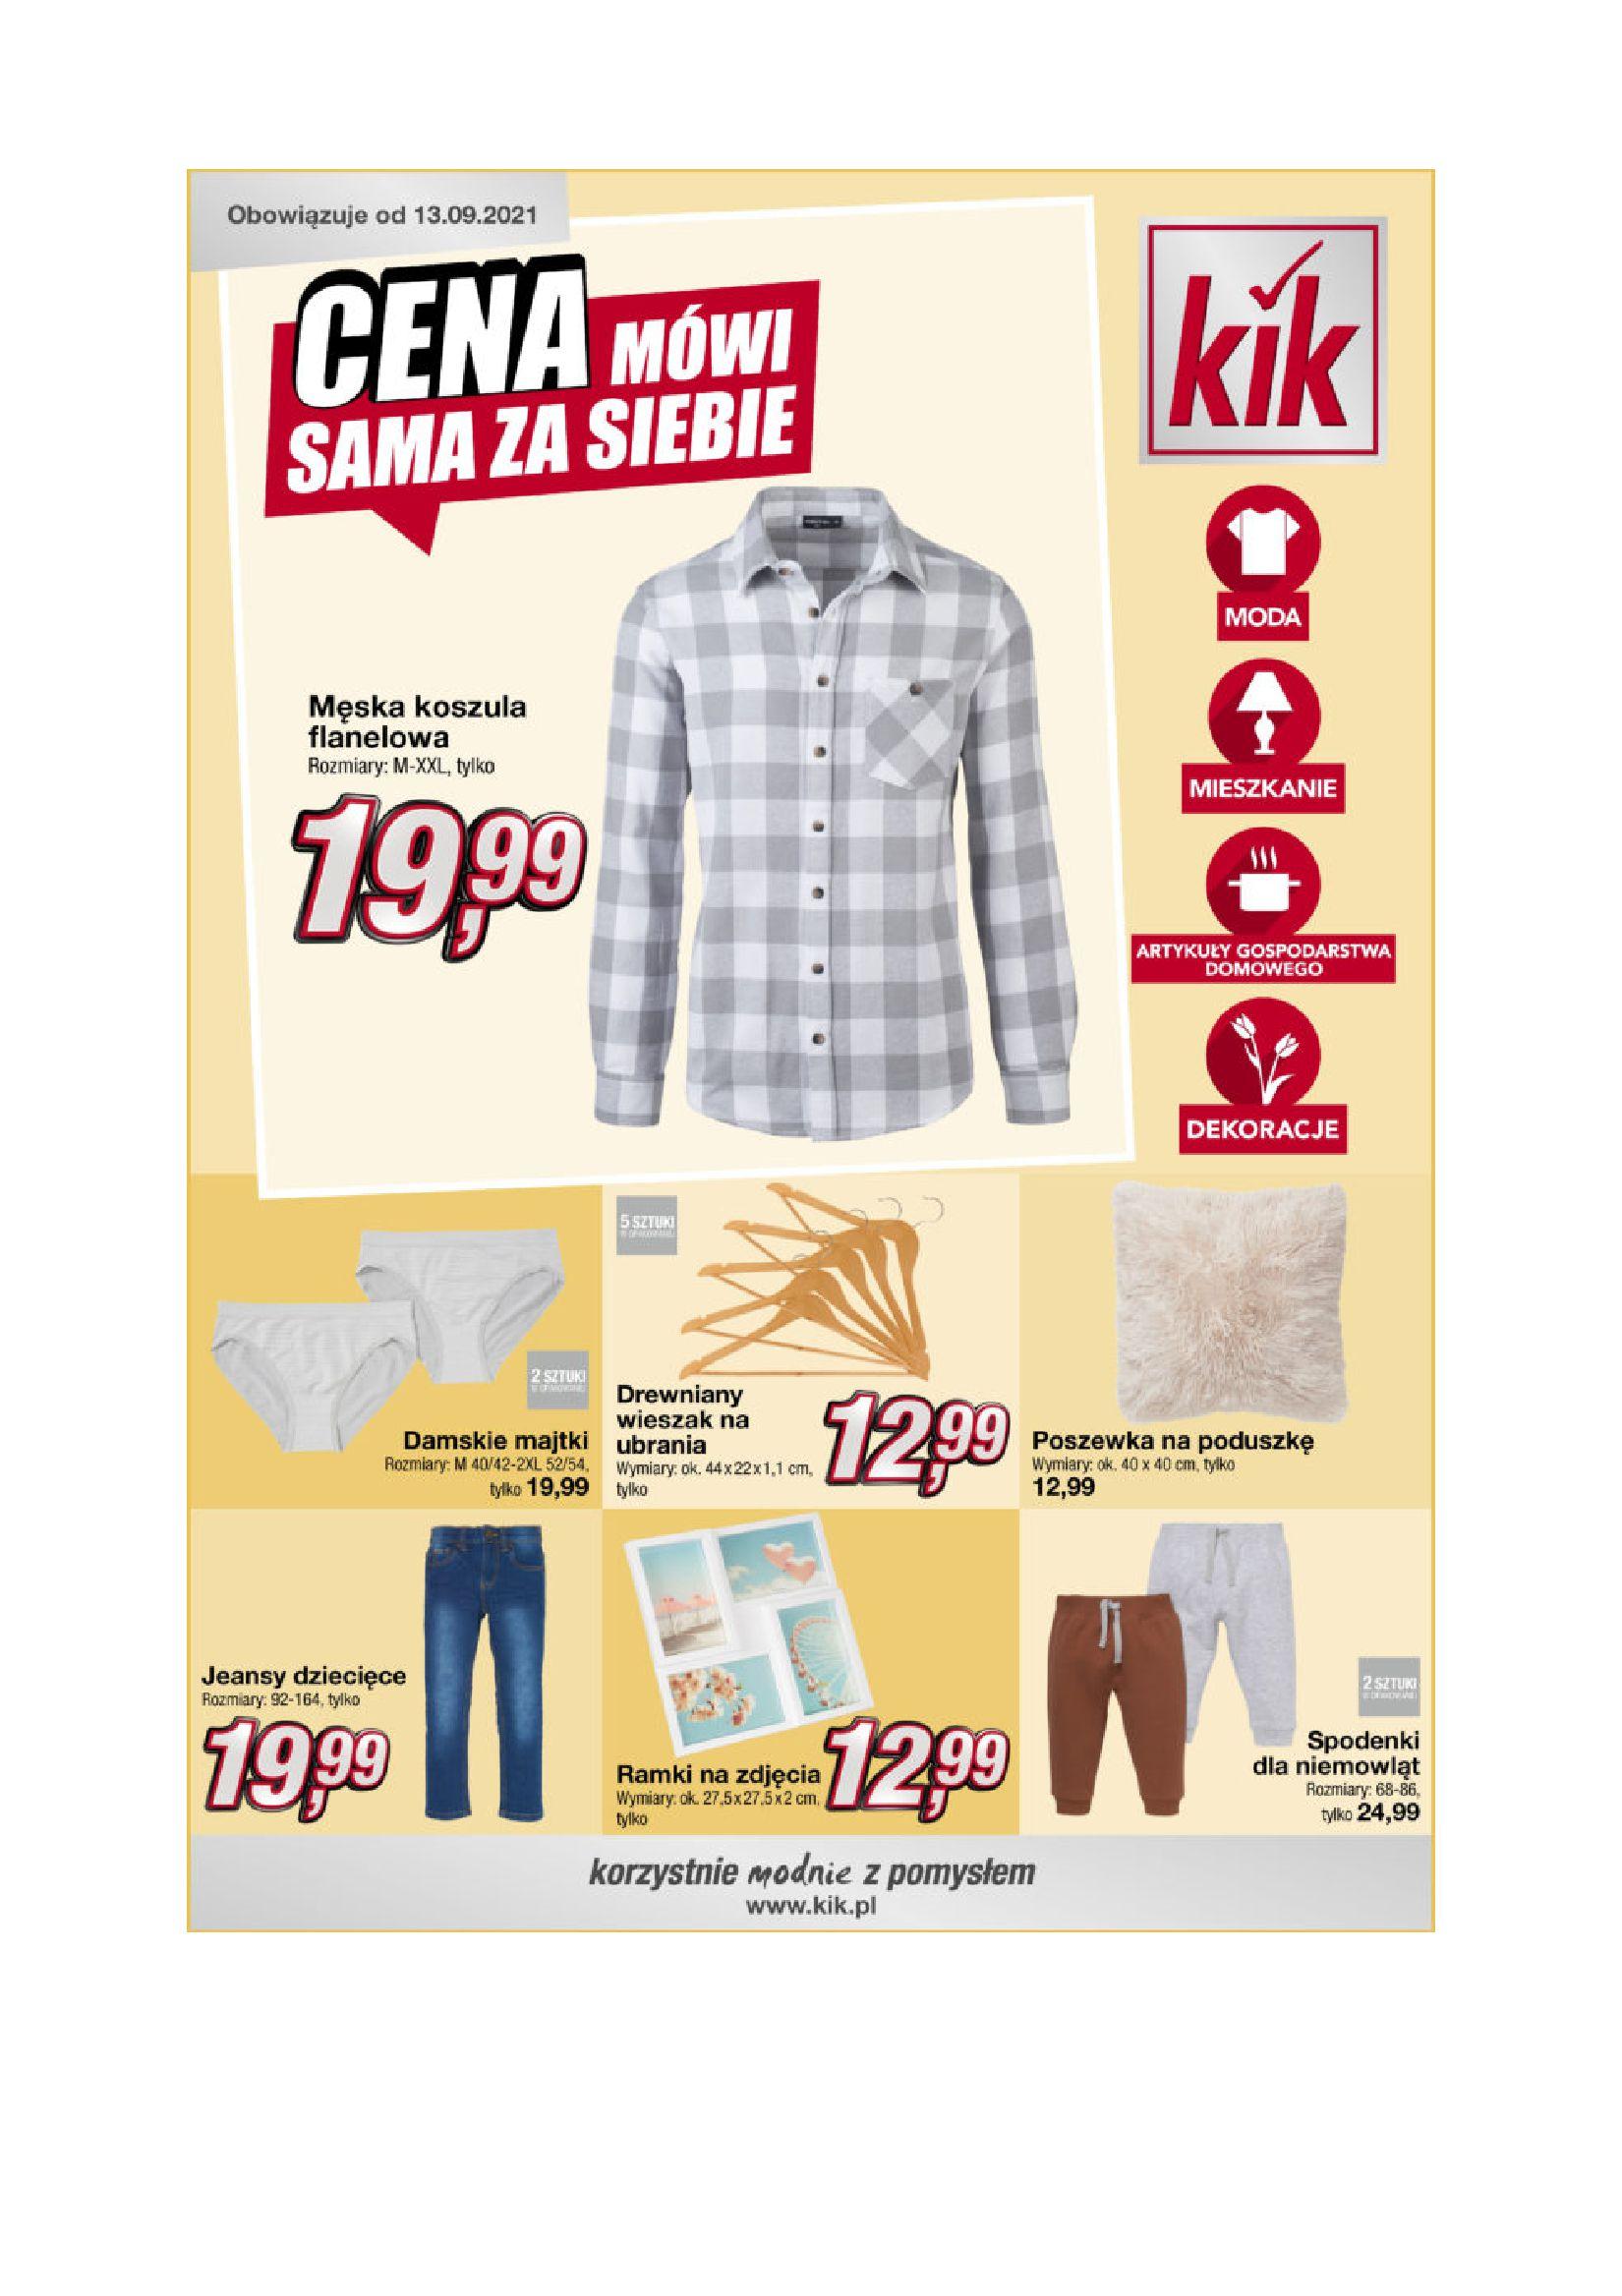 KiK:  Gazetka KiK - Moda jesienna 12.09.2021